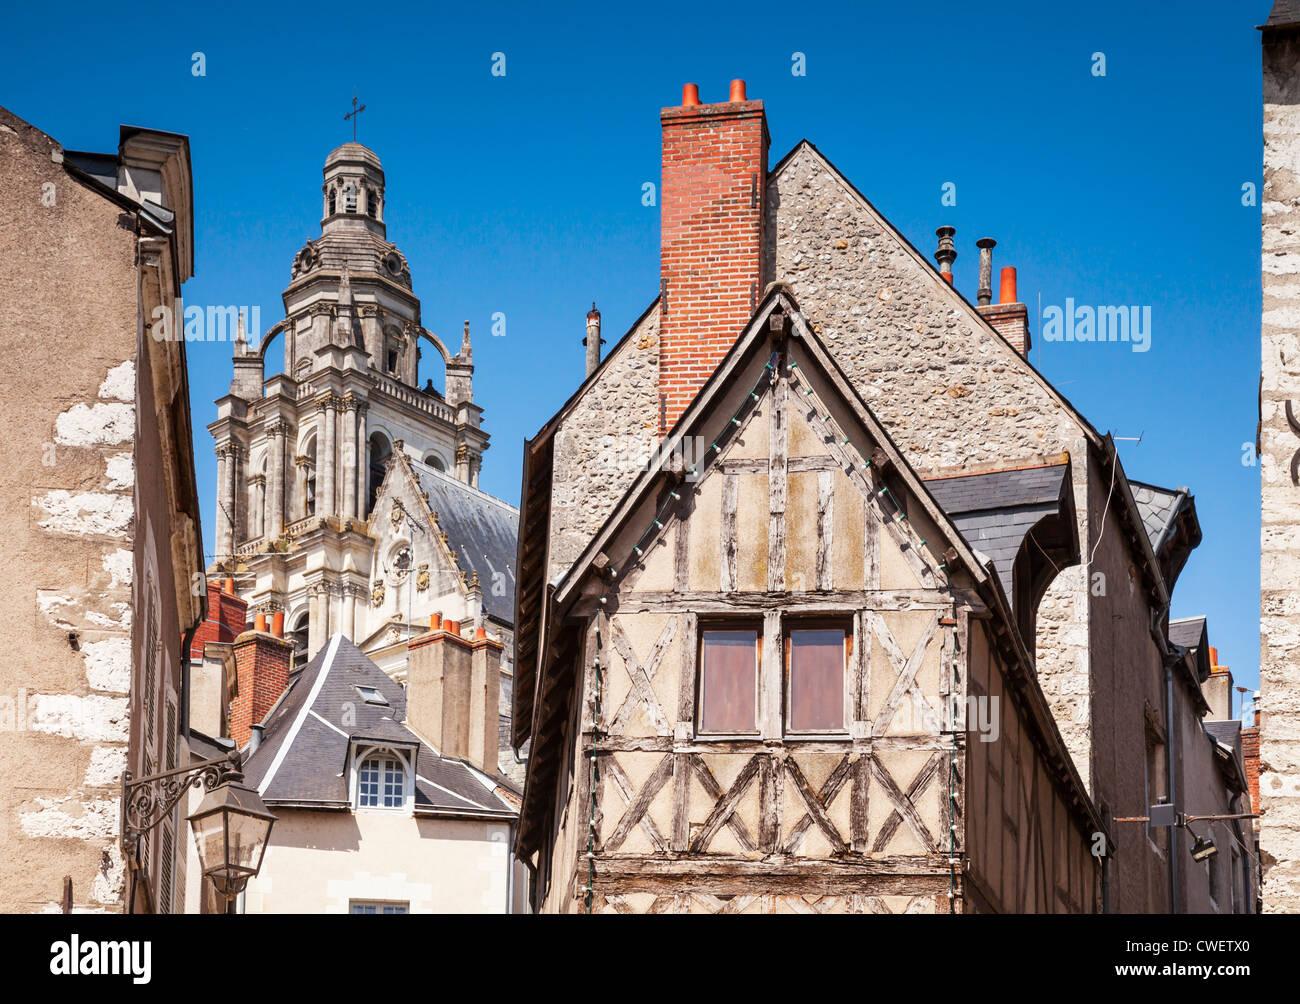 Detail der mittelalterlichen Gebäude in der Loire-Tal Blois, Centre, Frankreich. Die Kirche ist die Kathedrale Stockbild